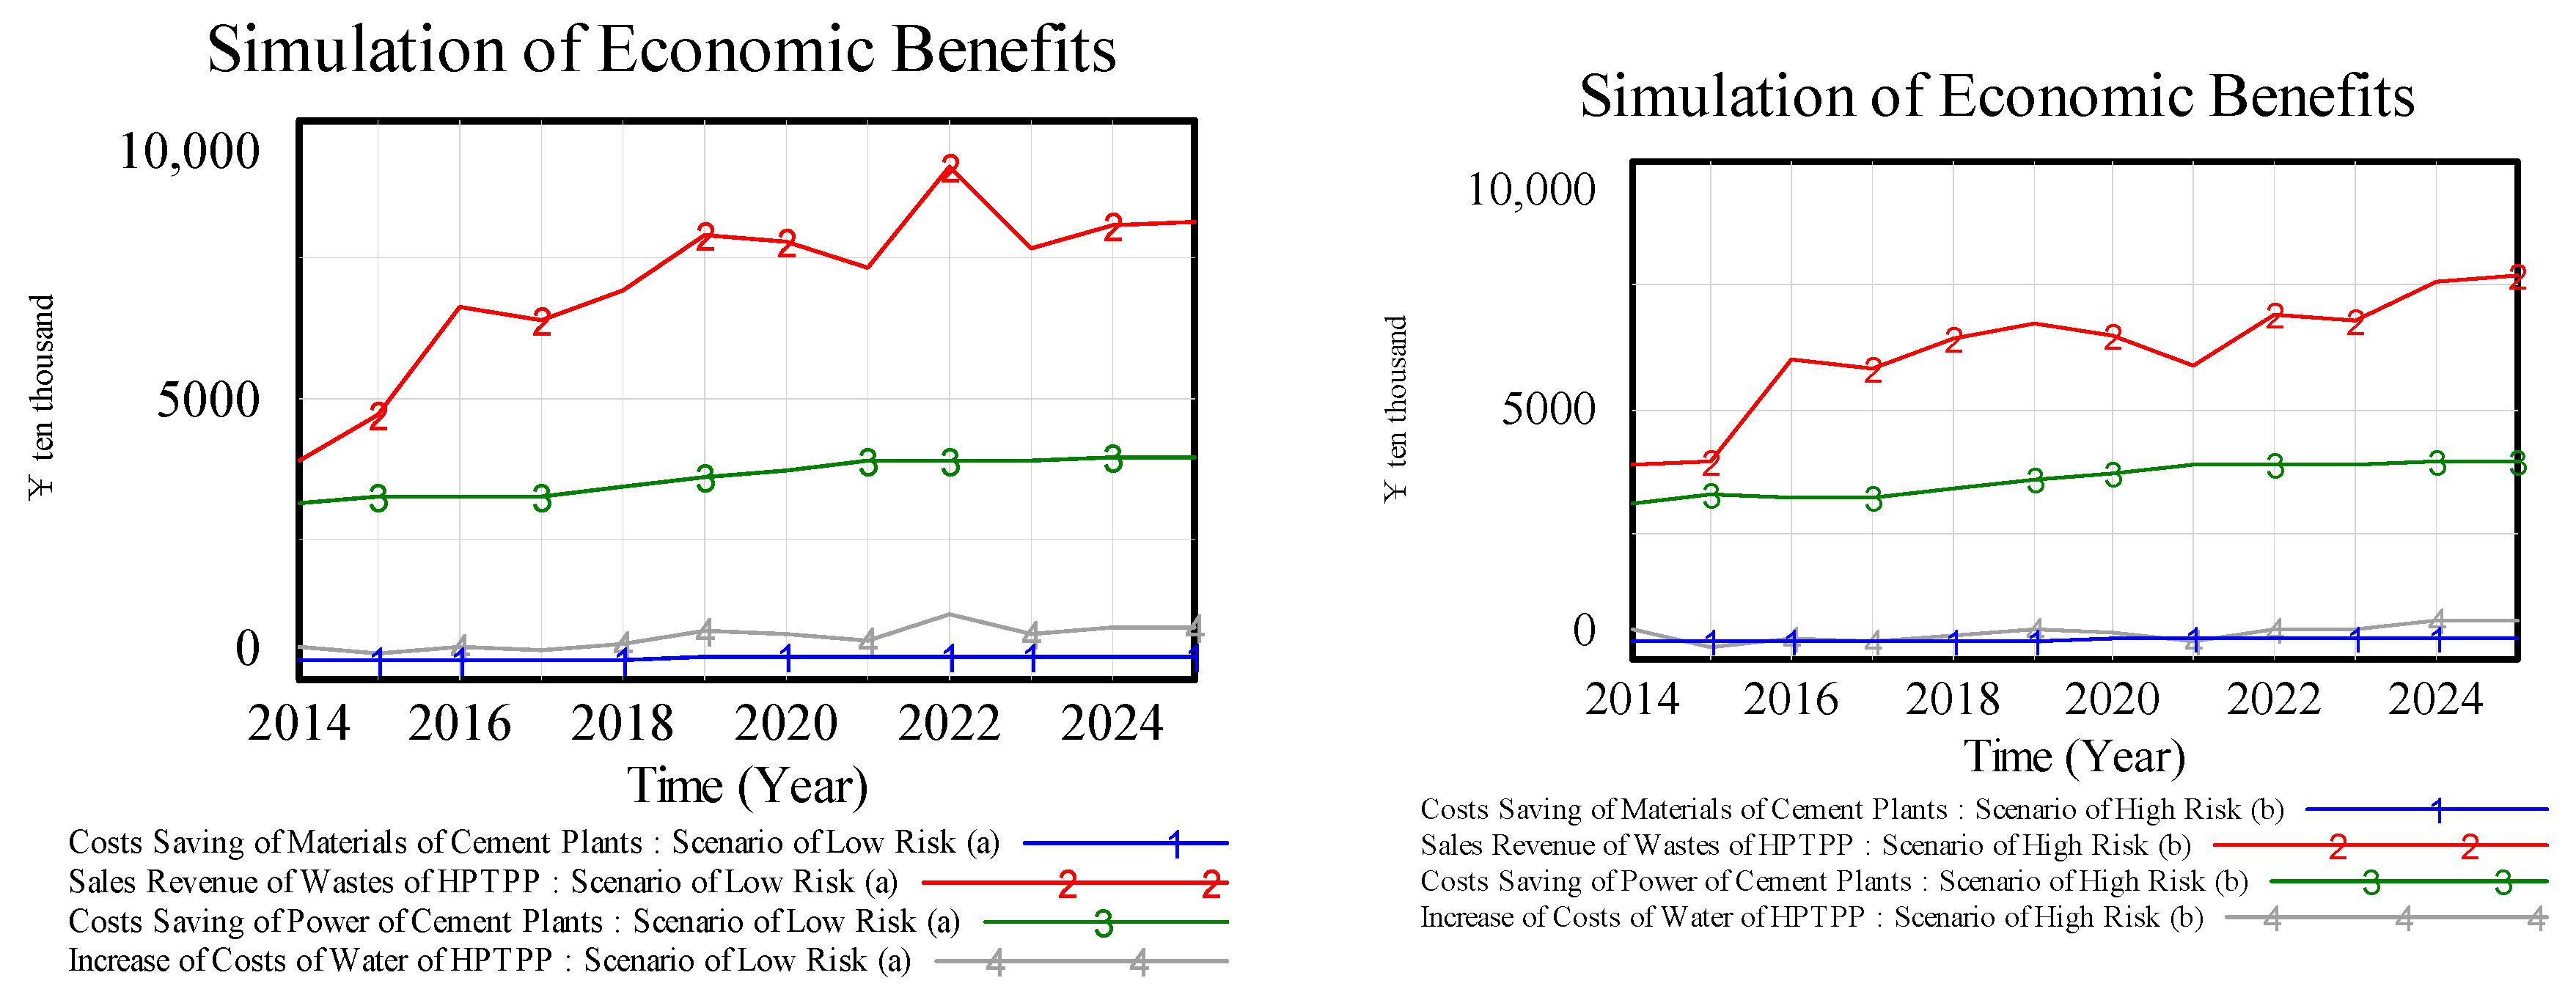 economic simulation Economic simulation - download as pdf file (pdf), text file (txt) or read online.